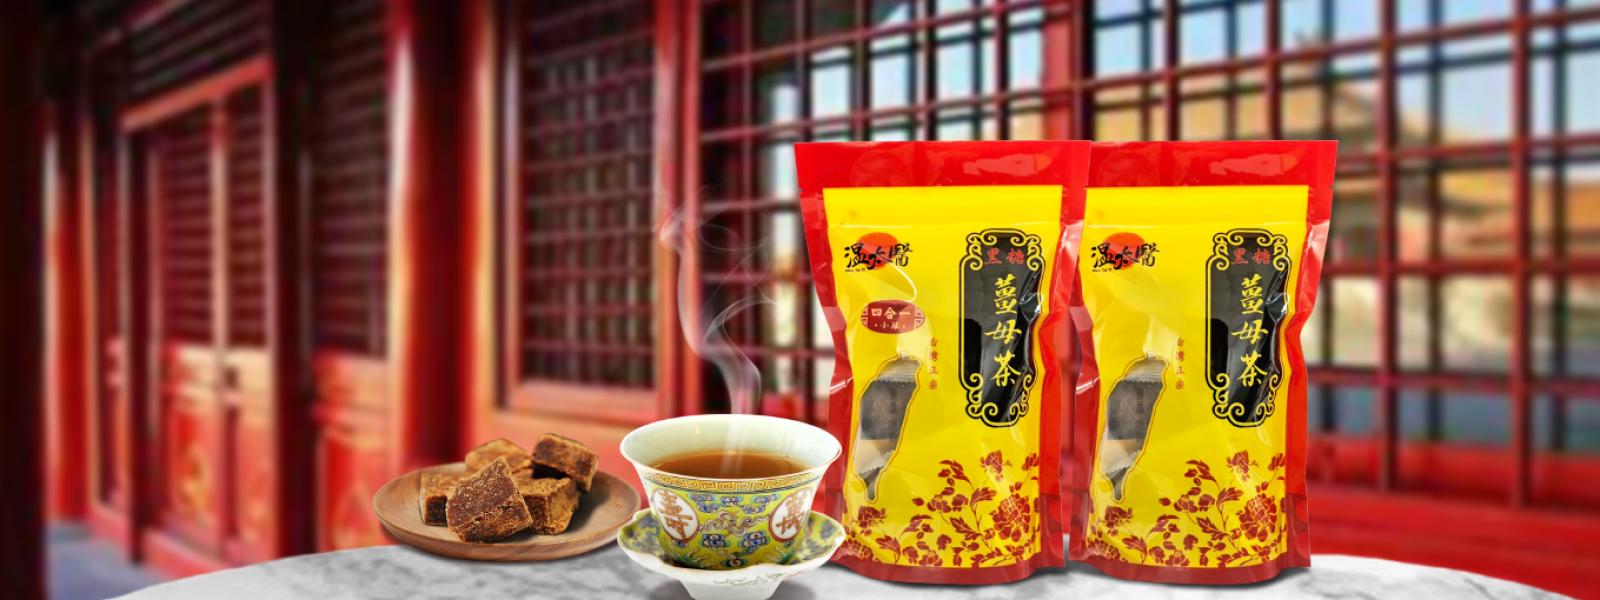 薑茶合成-宮廷石桌-02